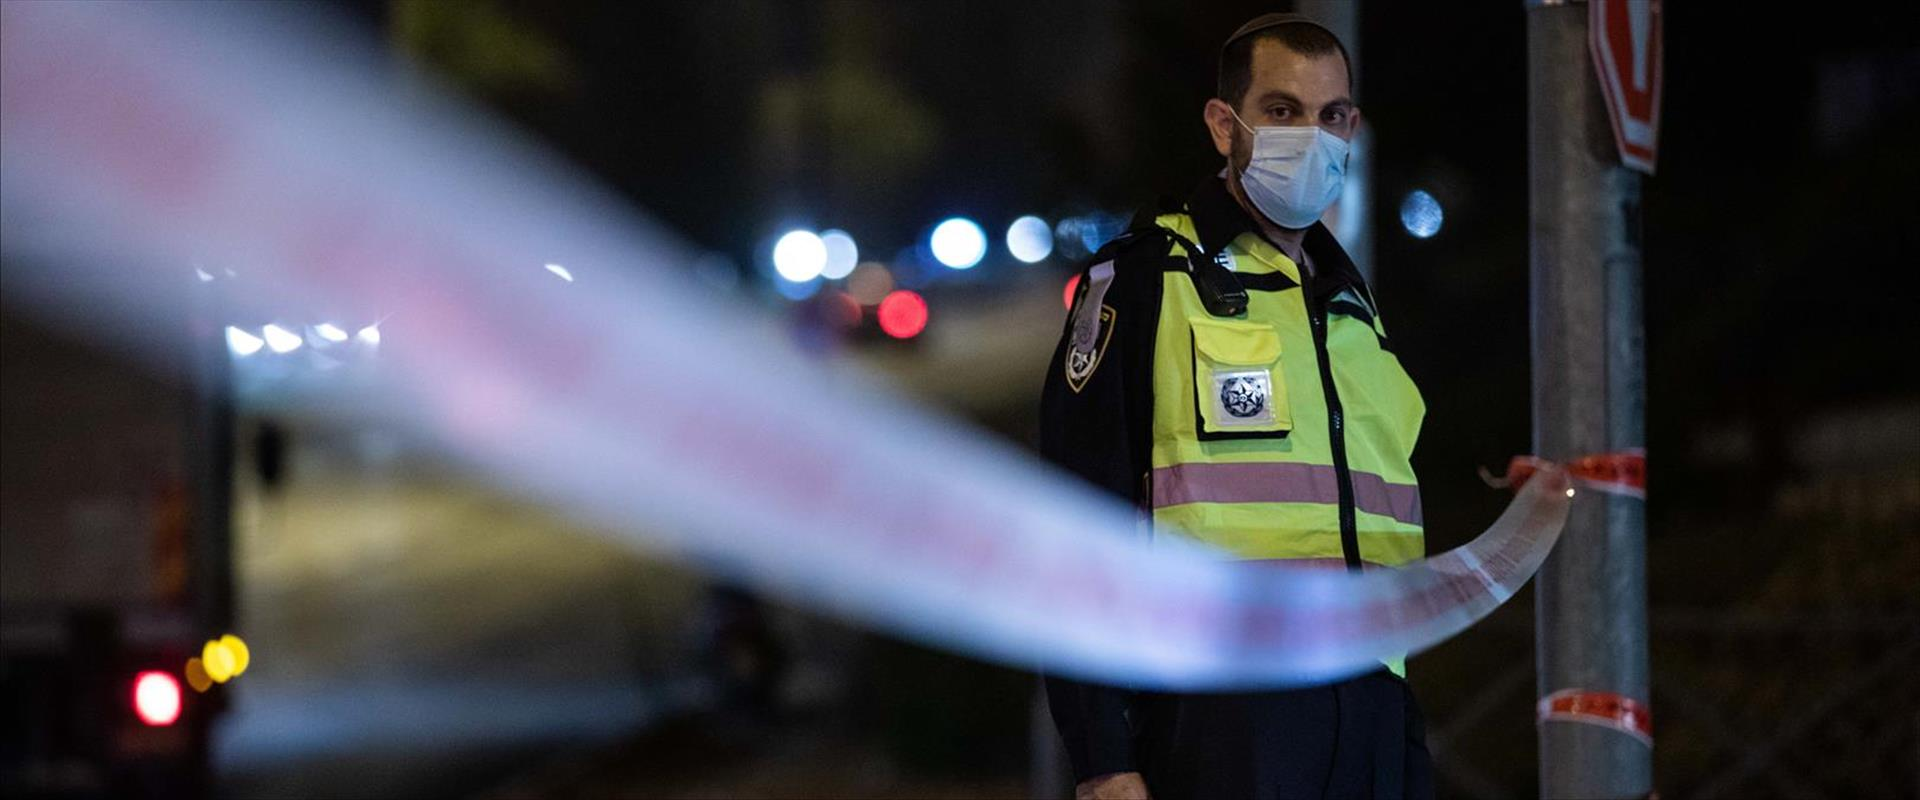 מחסום בידוק משטרתי הערב בשכונת רמות